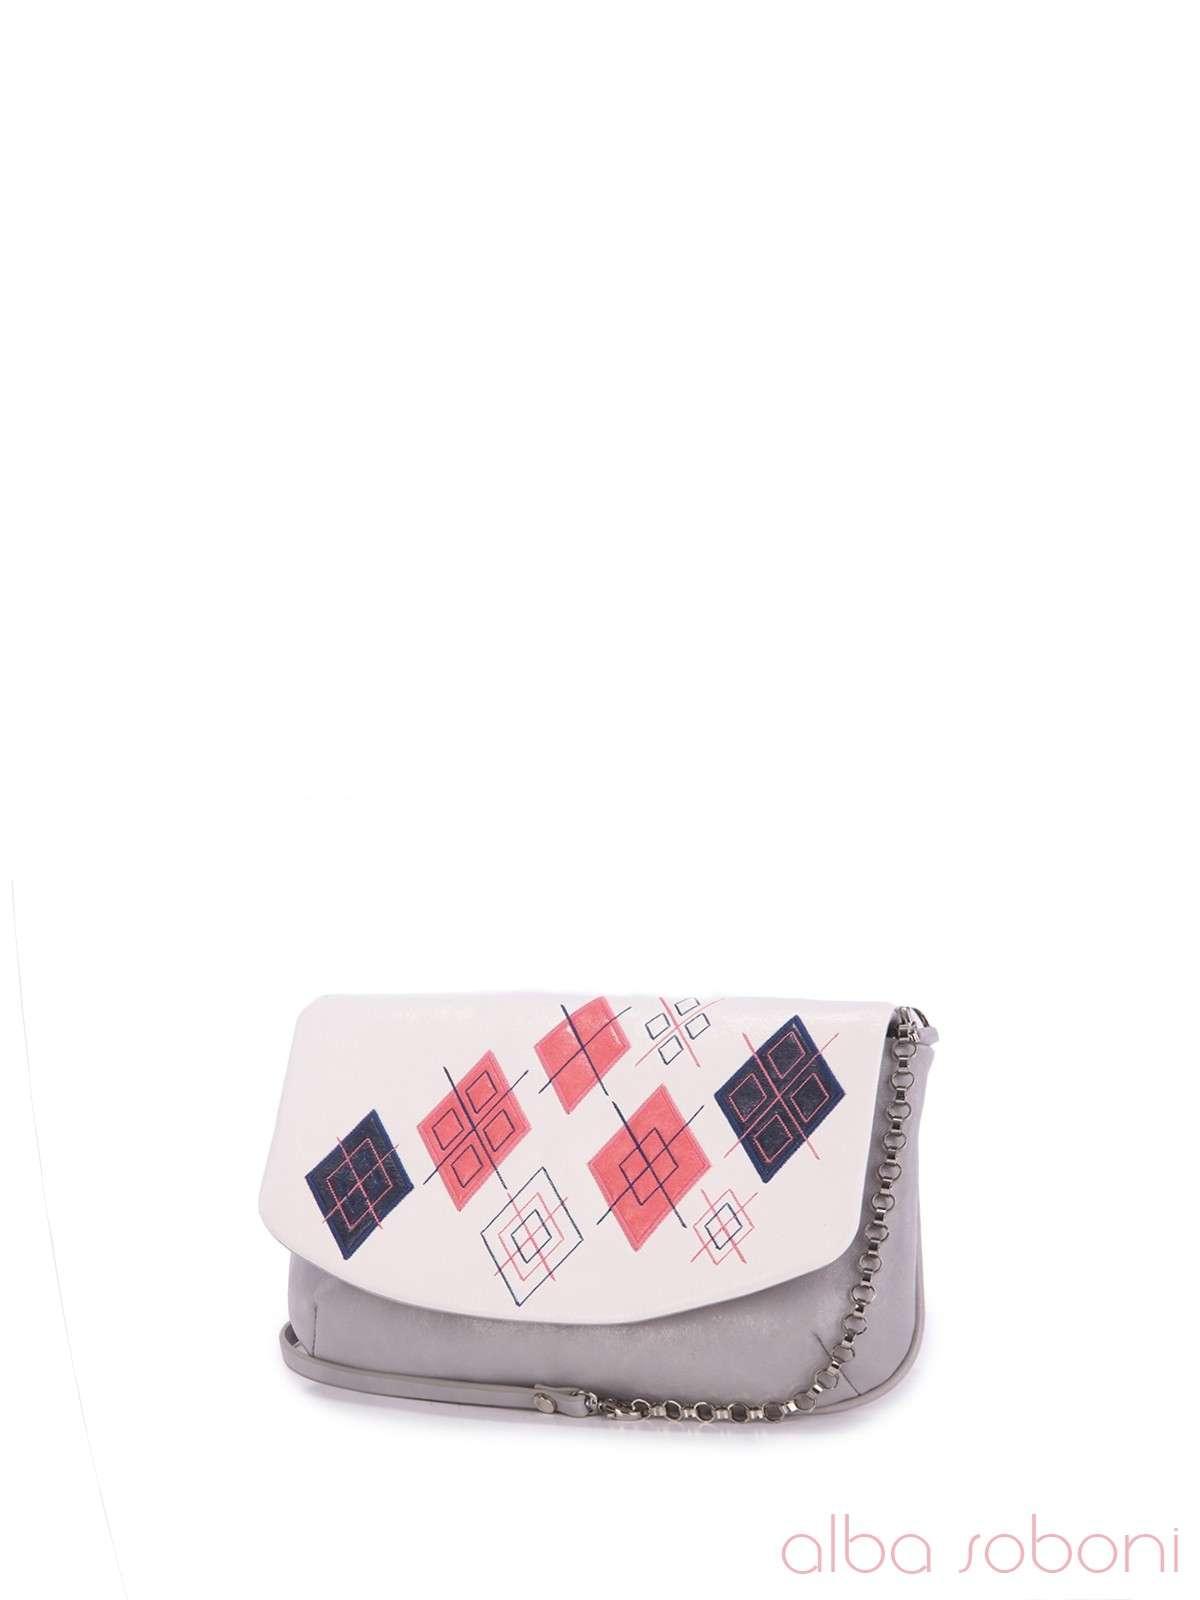 240f3f67ffbb Распродажа! Женский клатч, модель 160074 серый-белый, купить в Житомире.